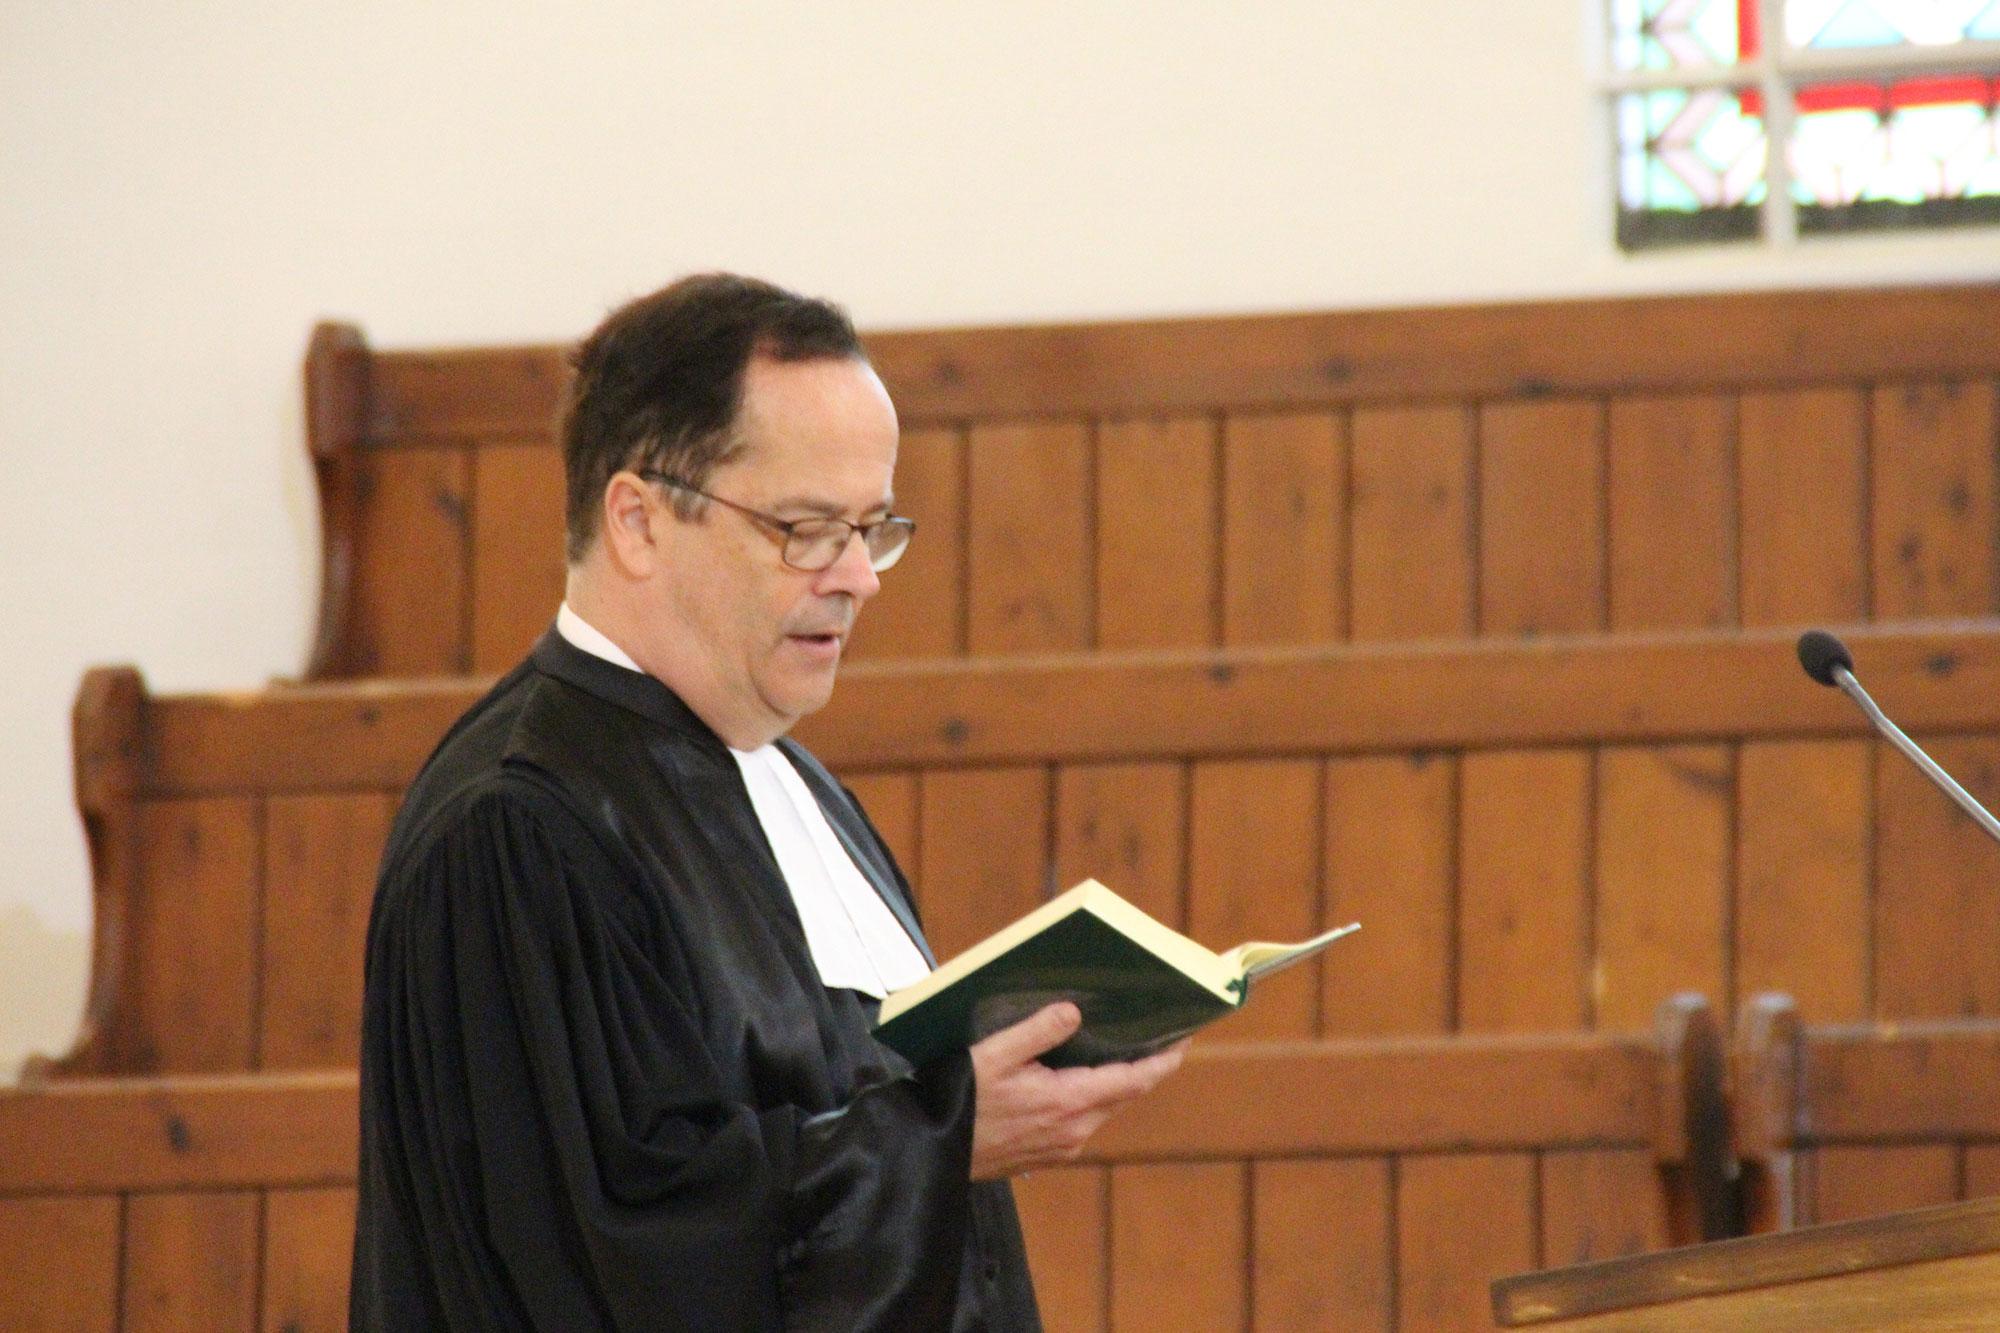 le pasteur chantant